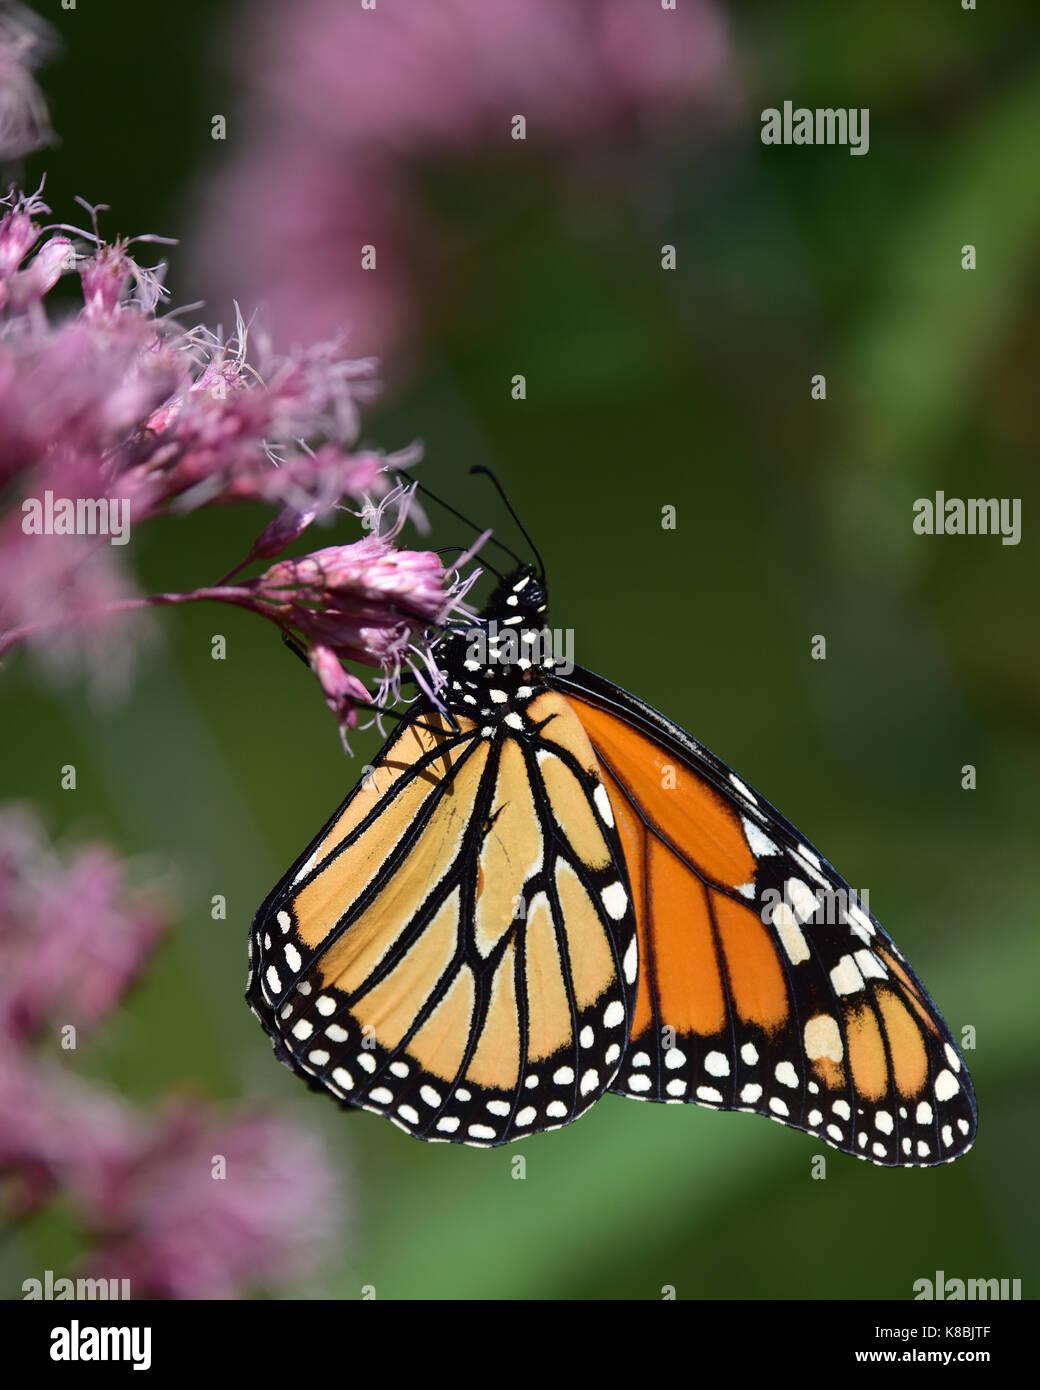 monarch-butterfly-danaus-plexippus-feeding-on-joe-pye-flowers-in-the-K8BJTF.jpg